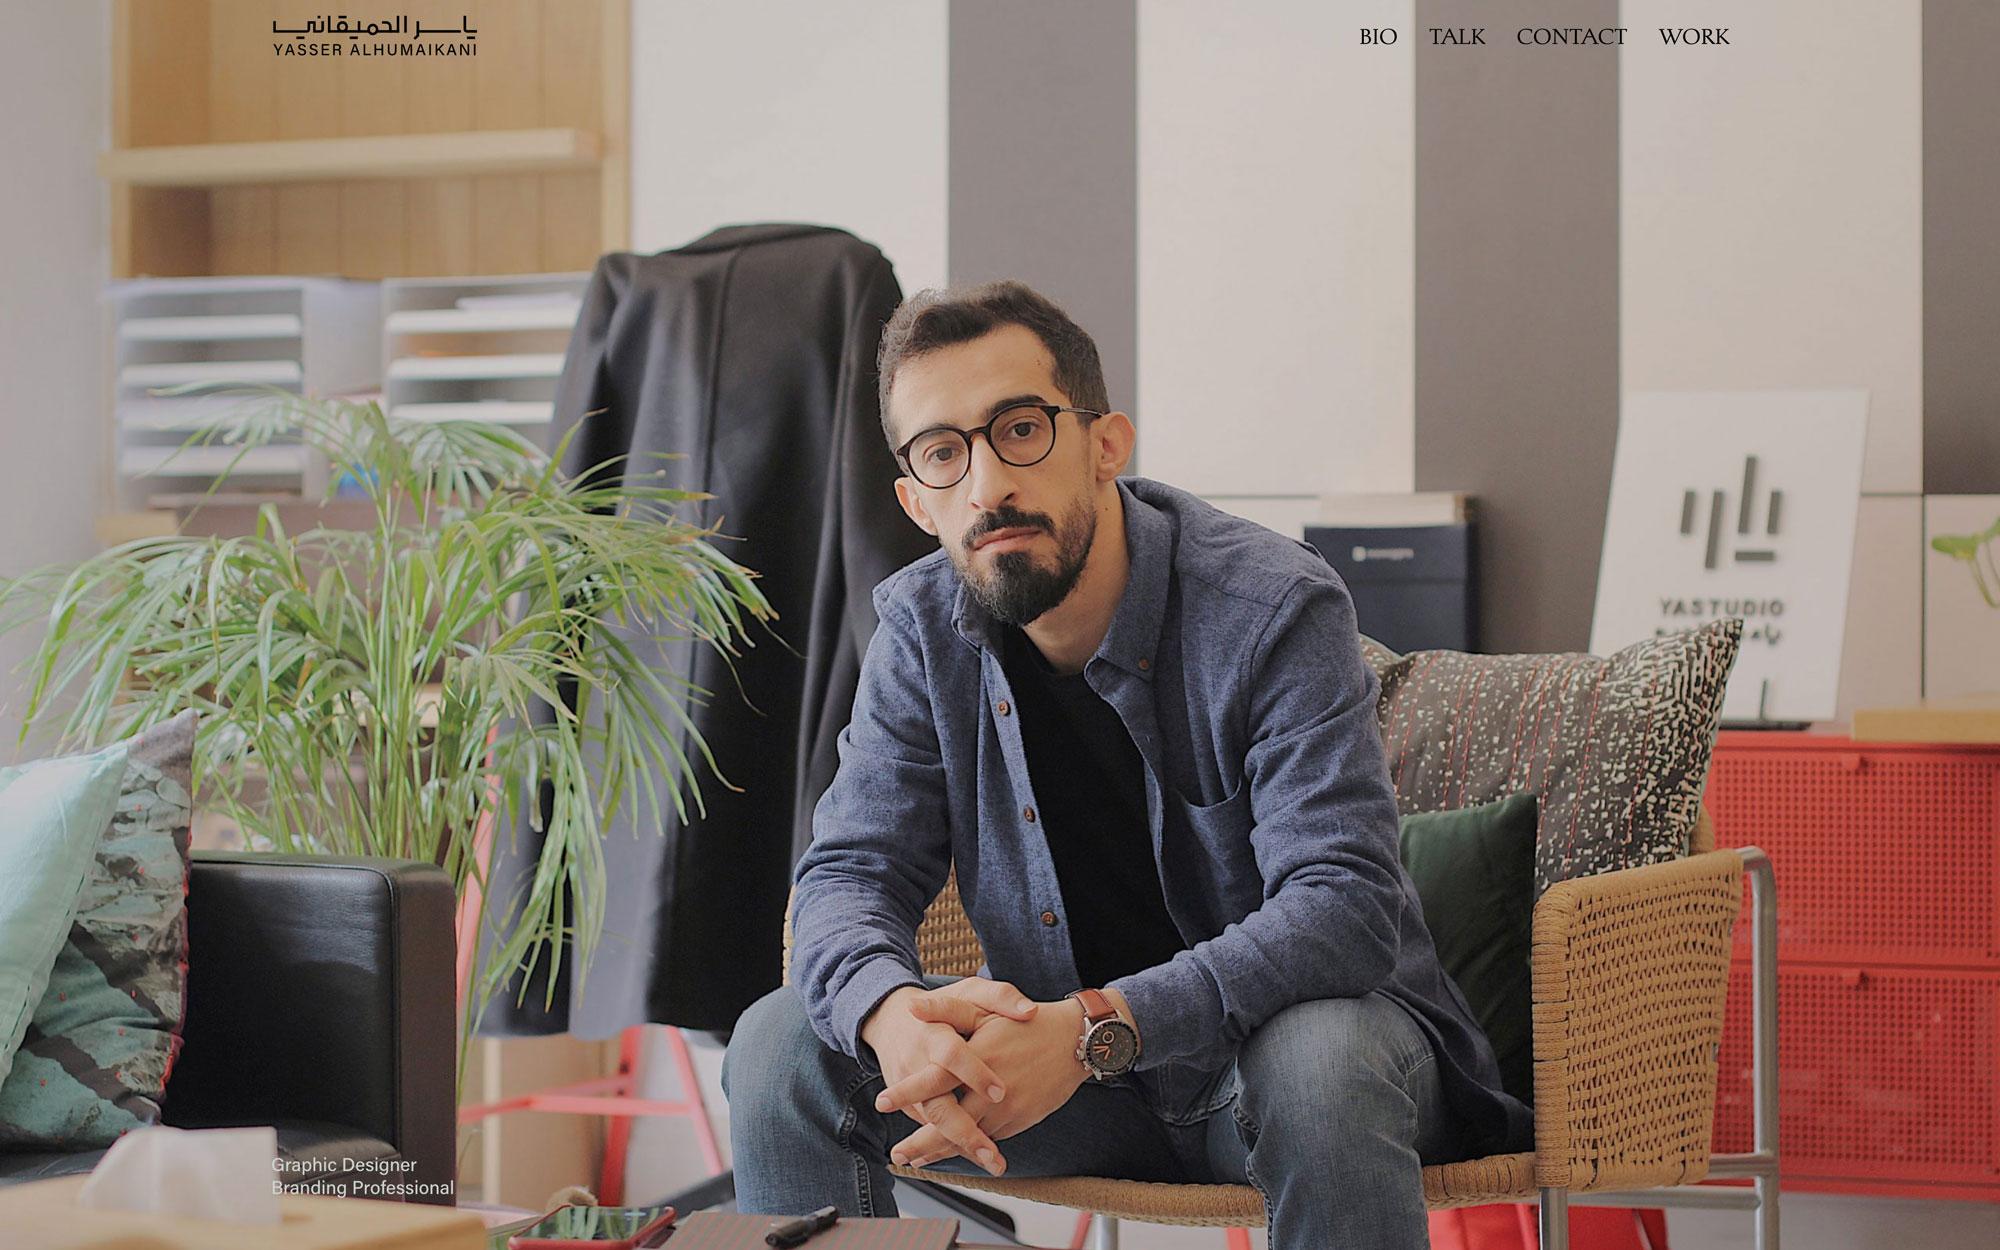 ياسر-الحميقاني